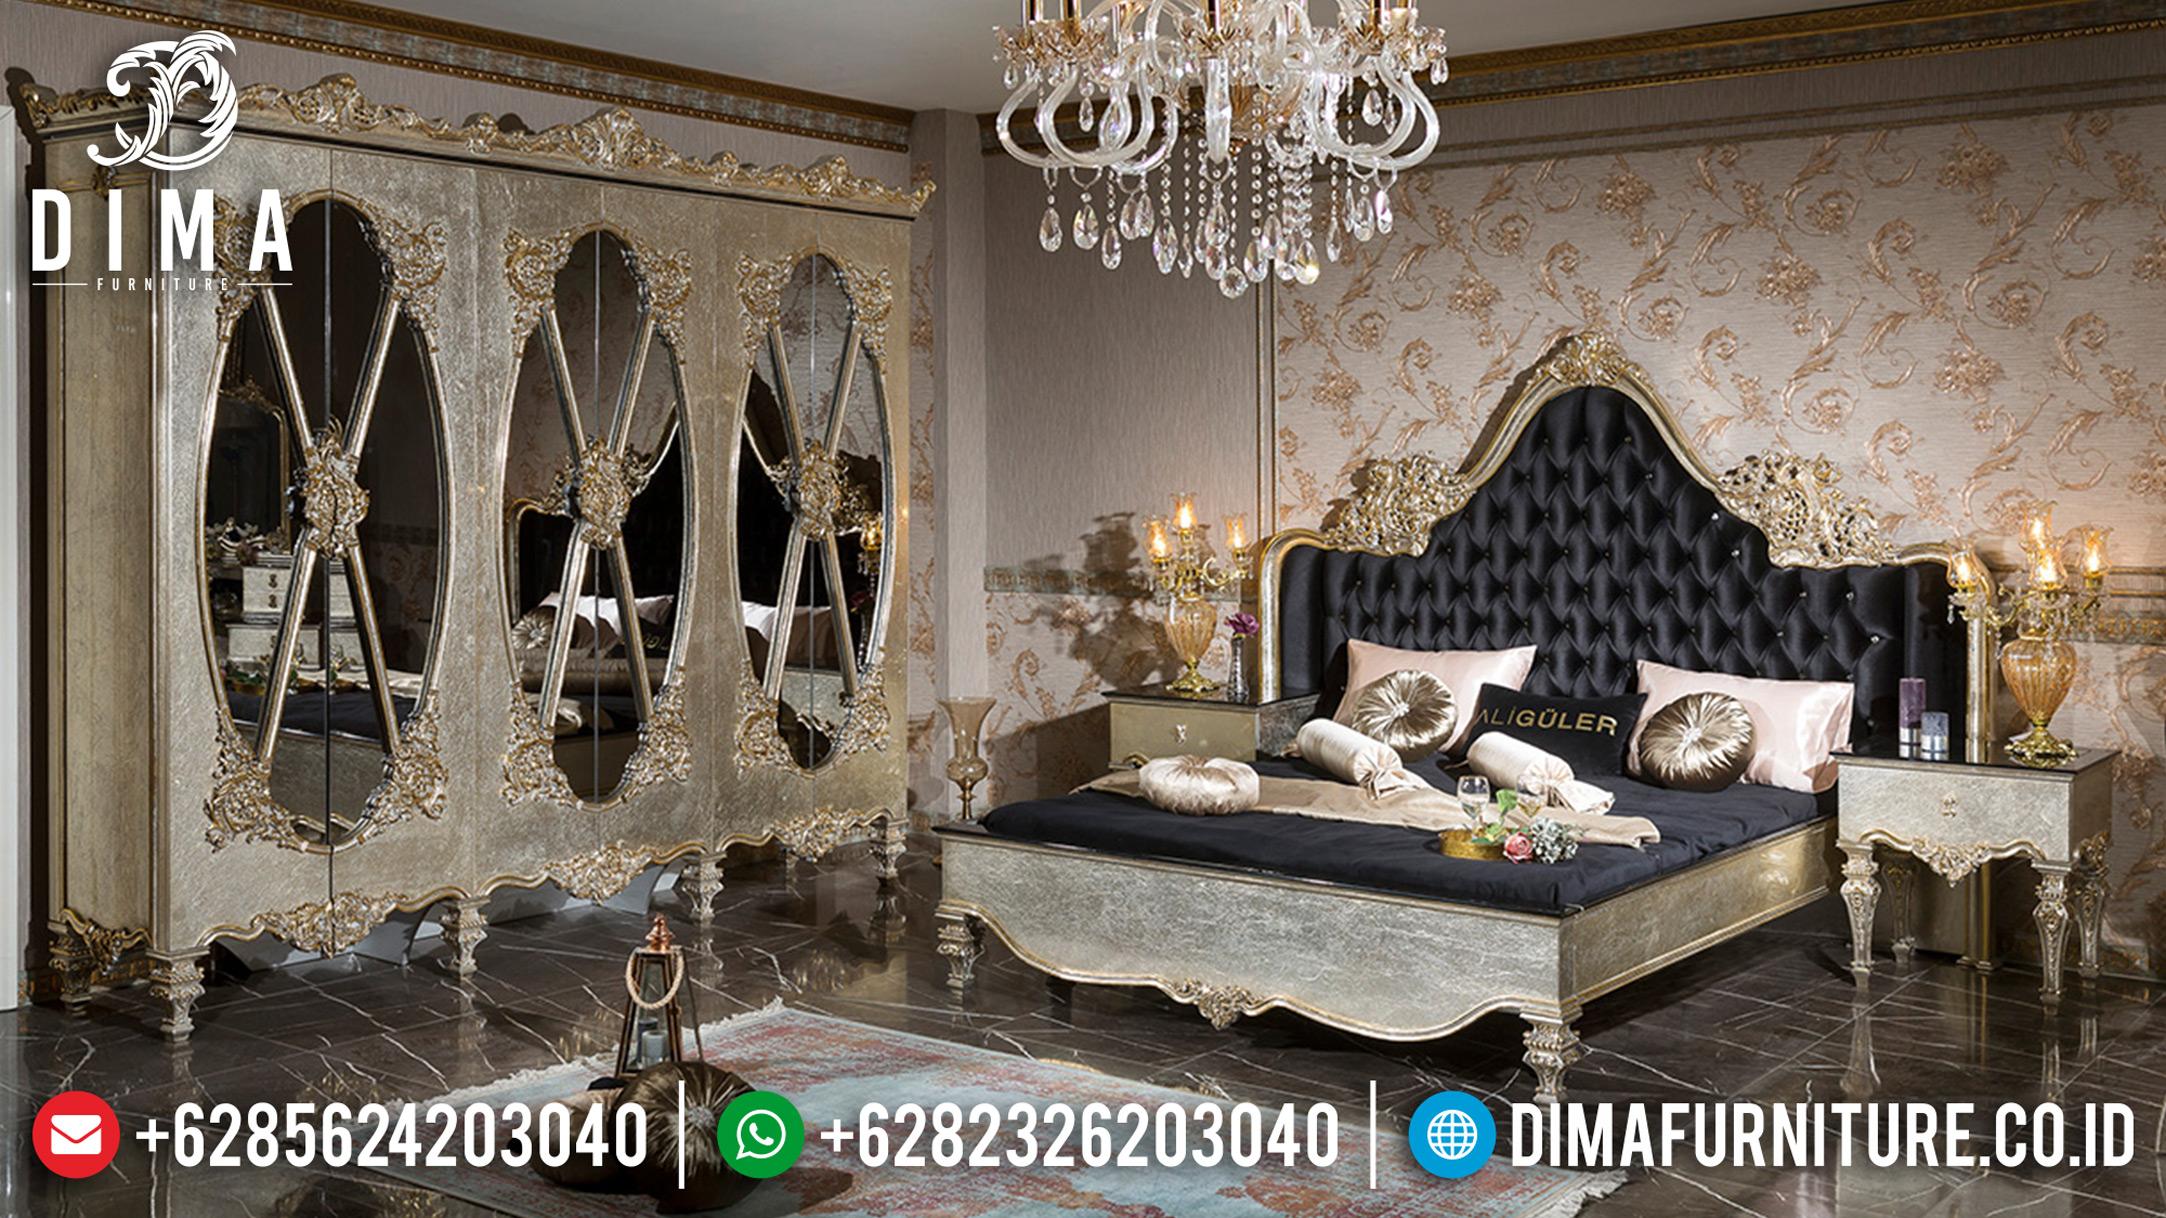 20+ Tempat Tidur Jepara Mewah Dan Minimalis Pilihan Tahun 2019 009 Dima Furniture Jepara